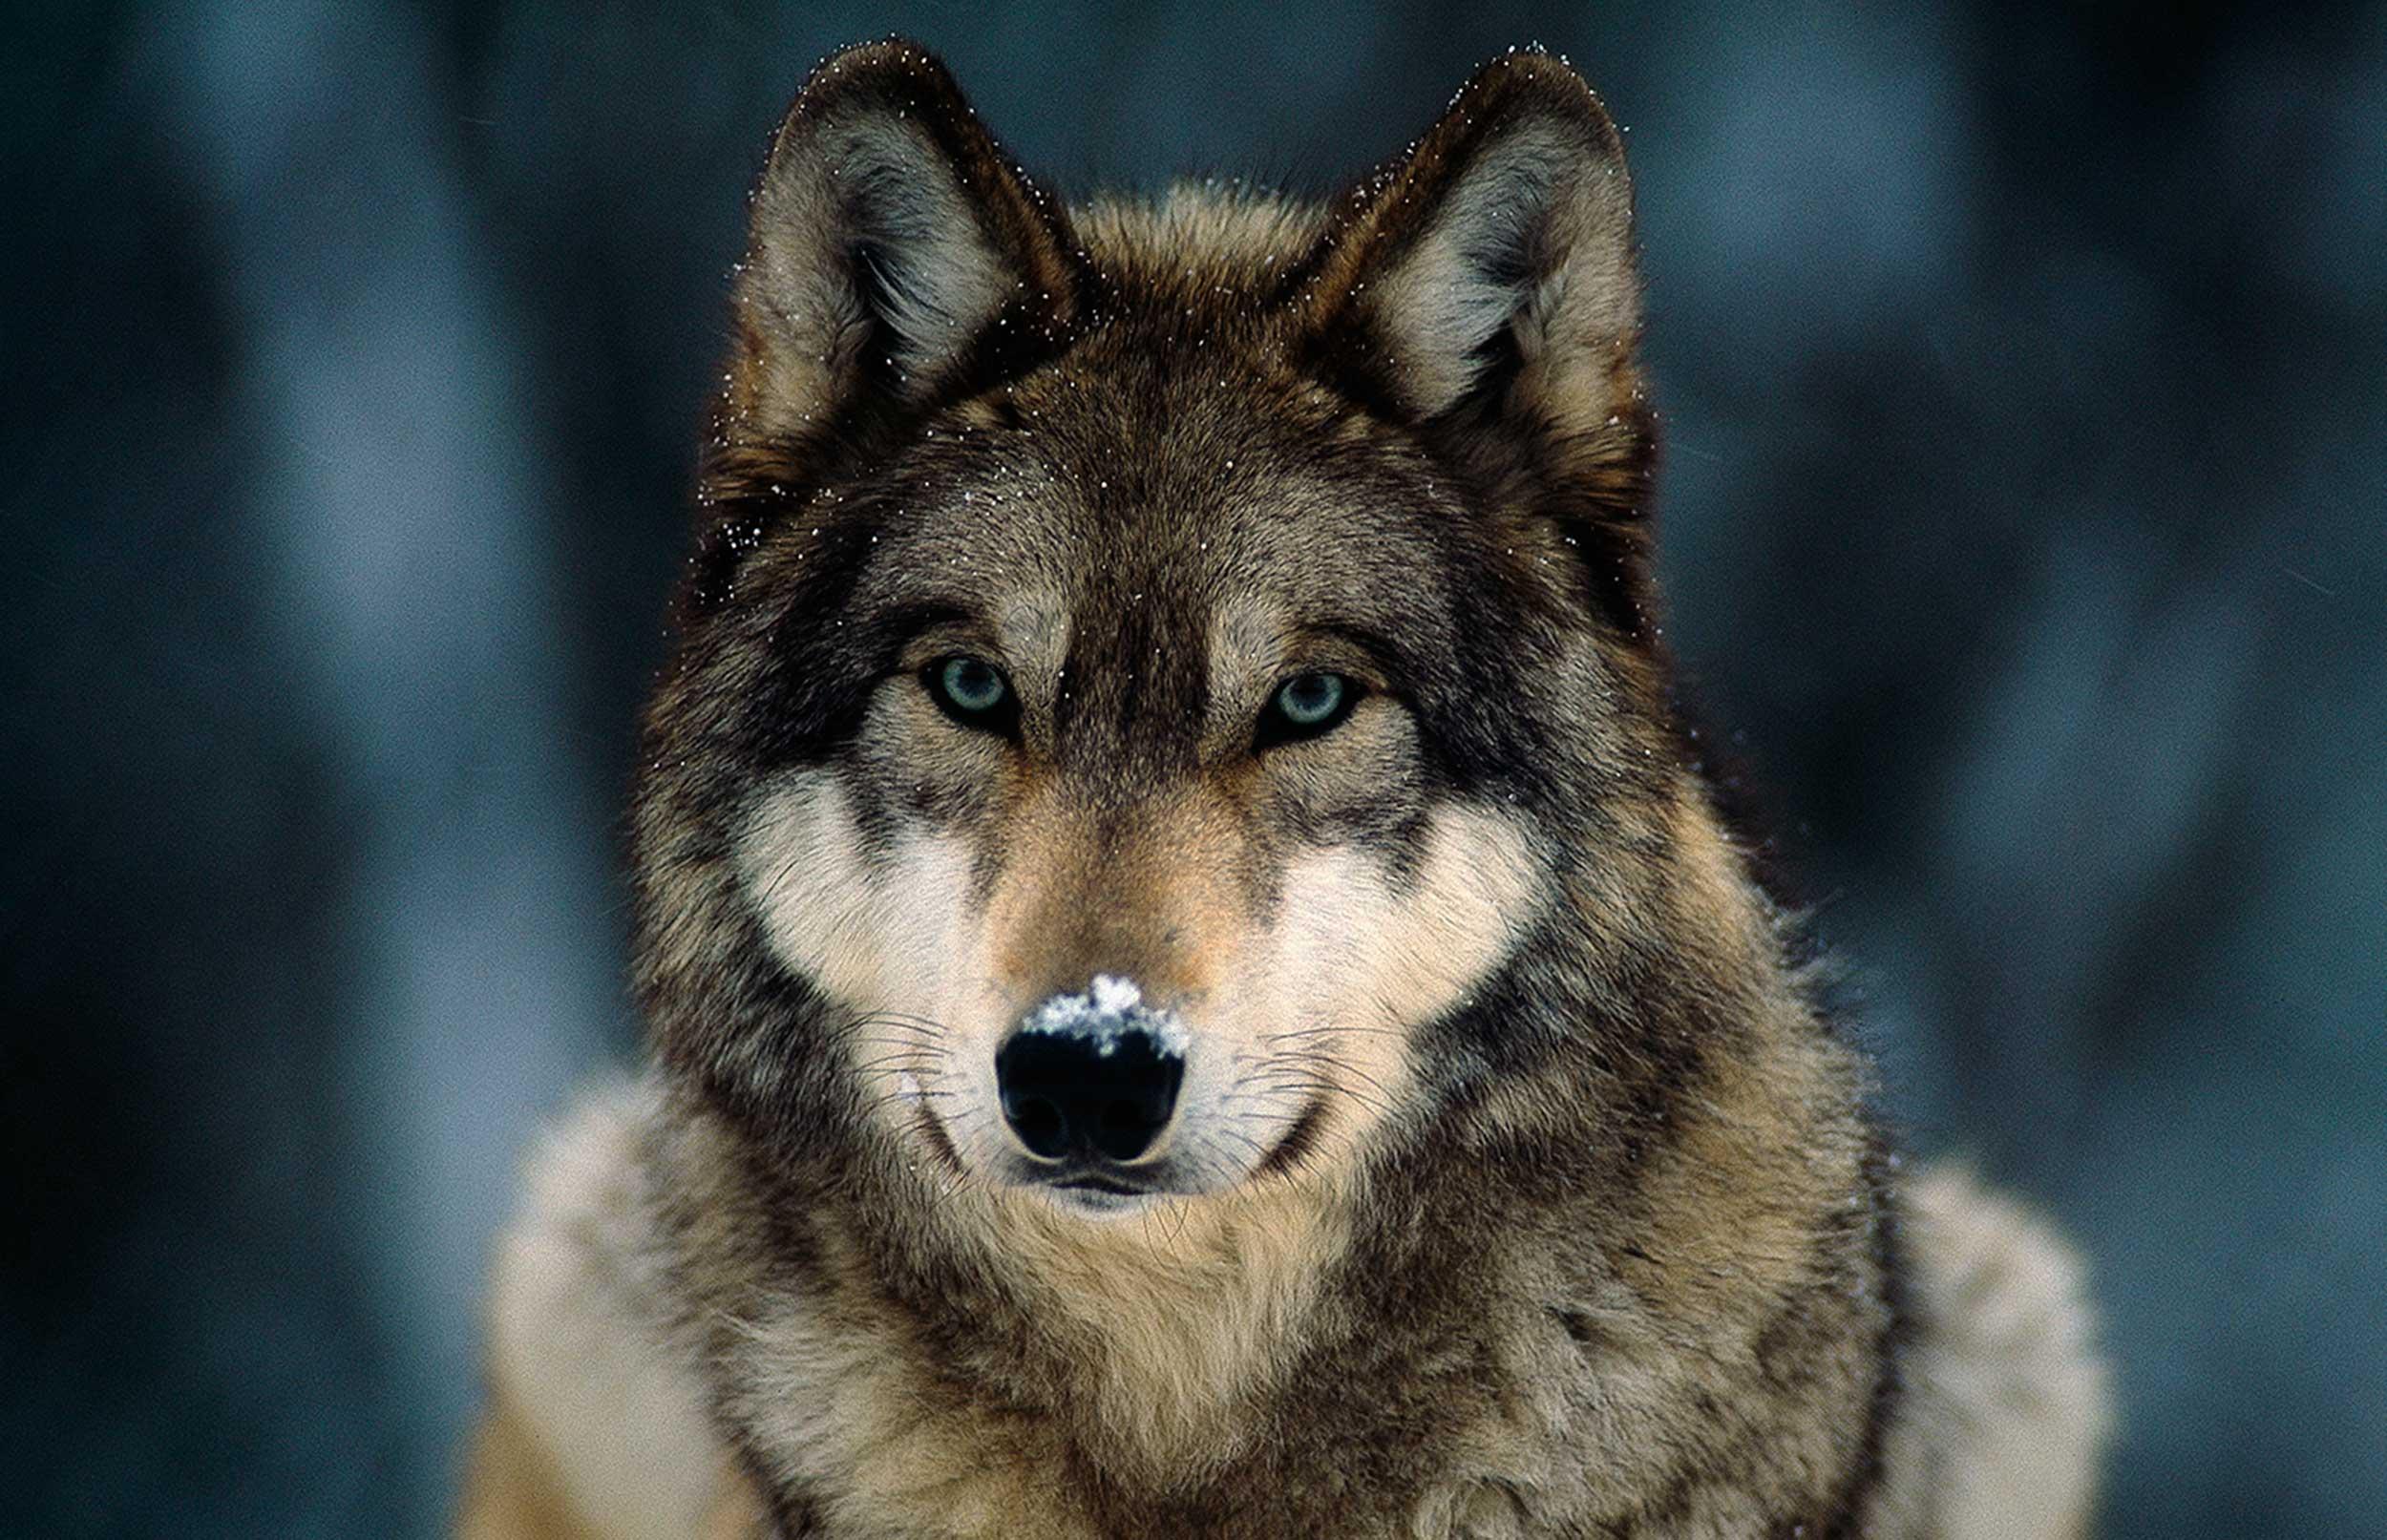 Vi skal udrydde konflikterne, ikke ulven